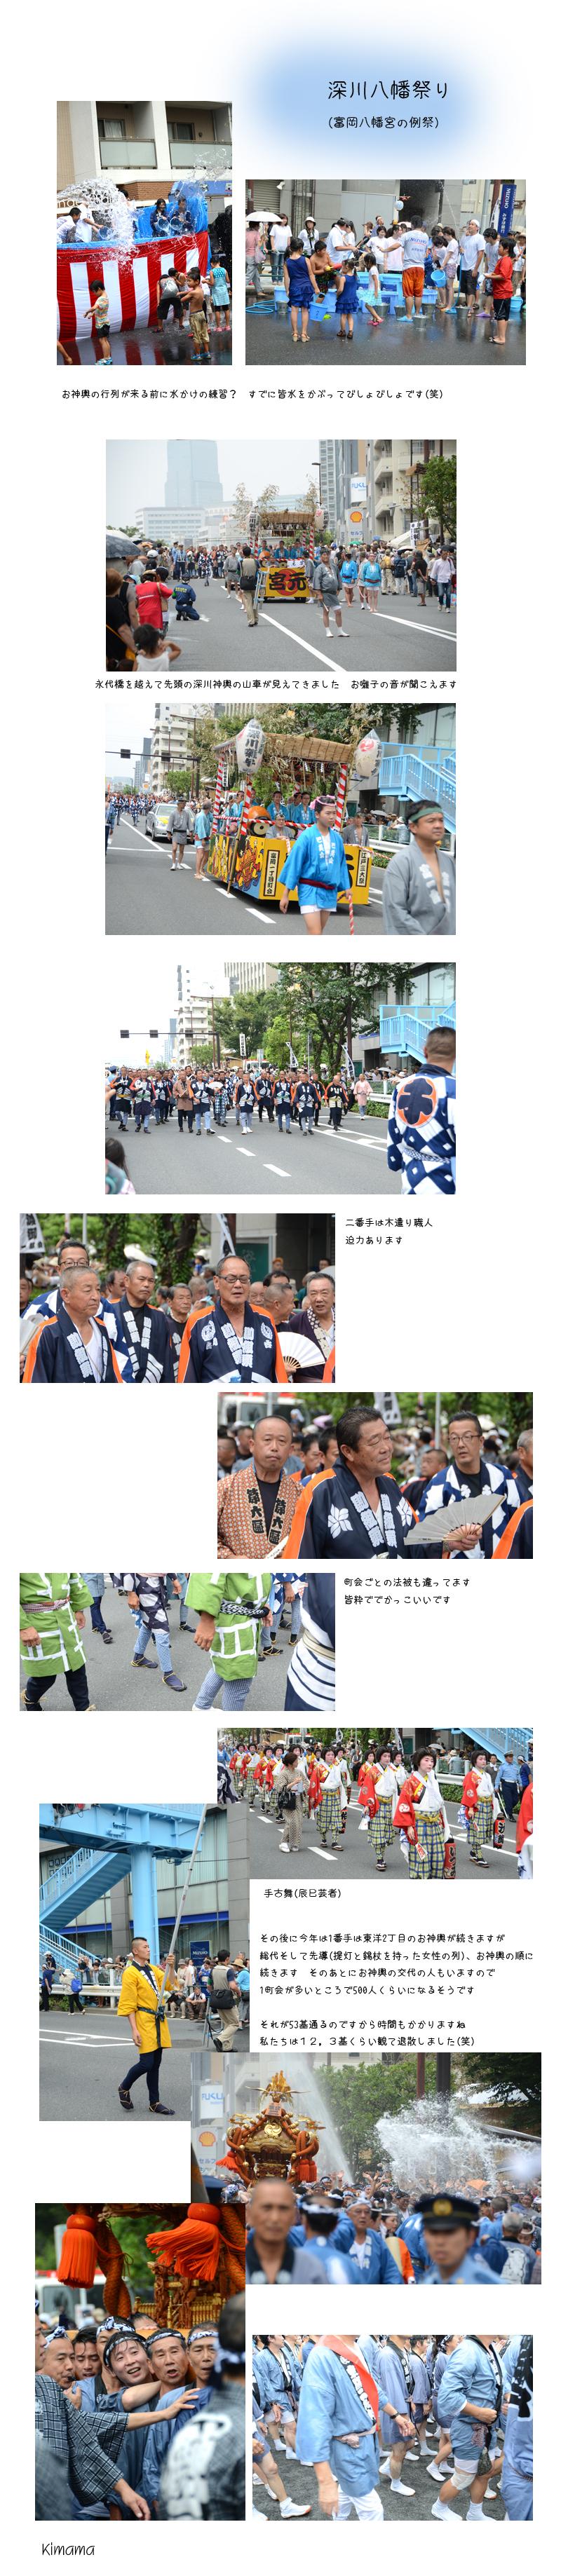 8月23日深川祭り1